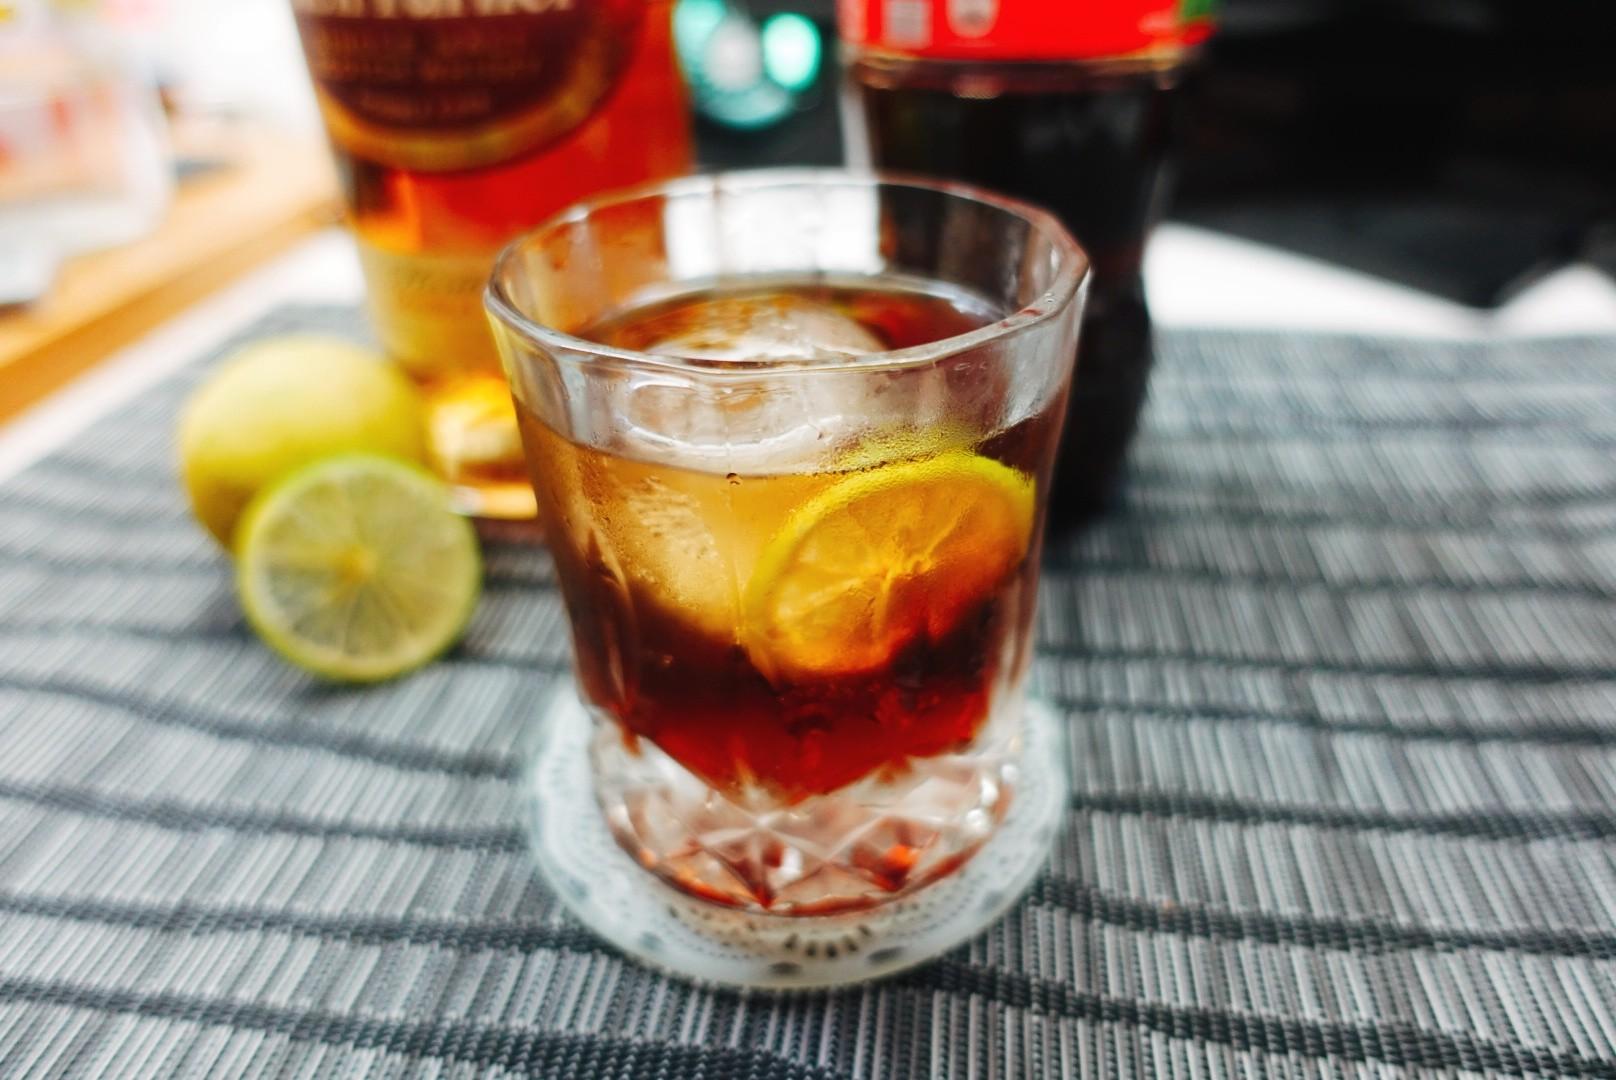 【酒譜】簡單在家調系列(三)|酸甜風威士忌加可樂